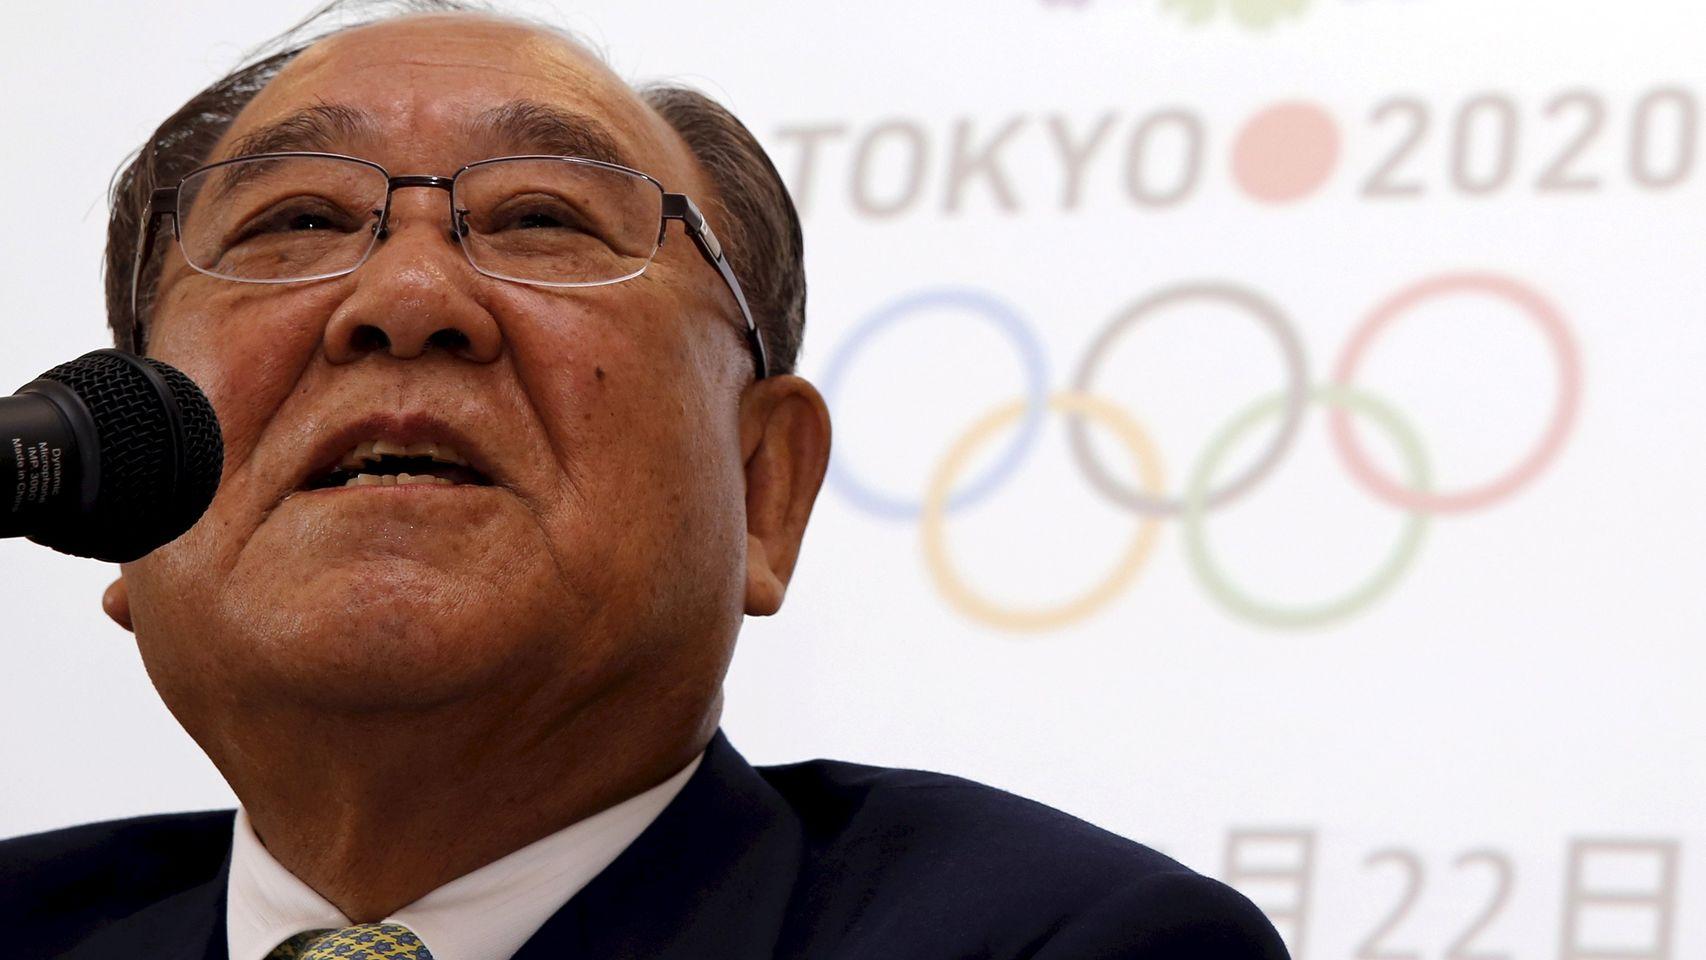 Fujio Miratai, Presidente de Tokyo 2020, durante el anuncio en rueda de prensa